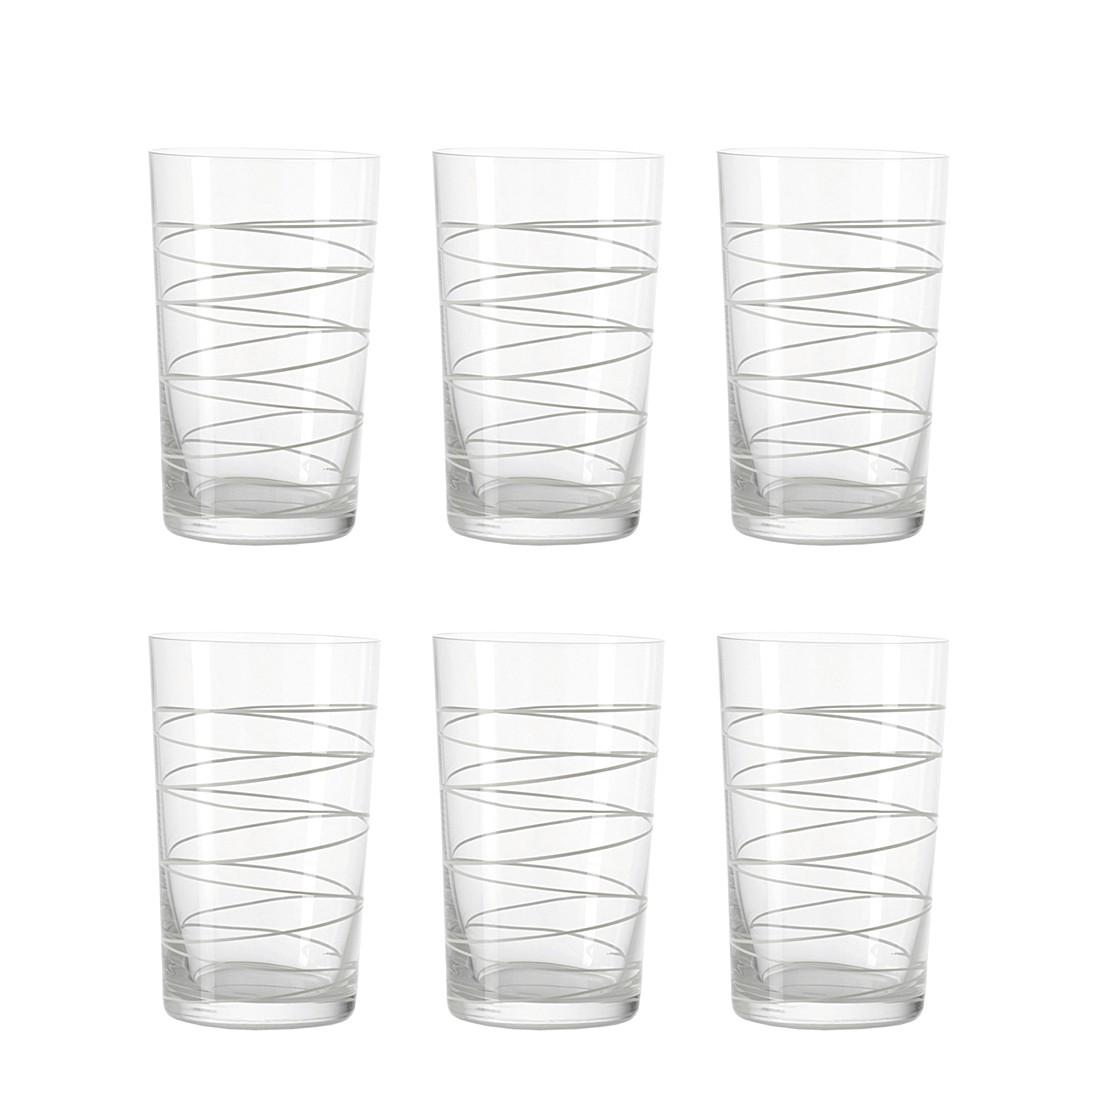 Becher Spirale (6er-Set) – Groß -Weiß, Leonardo günstig bestellen